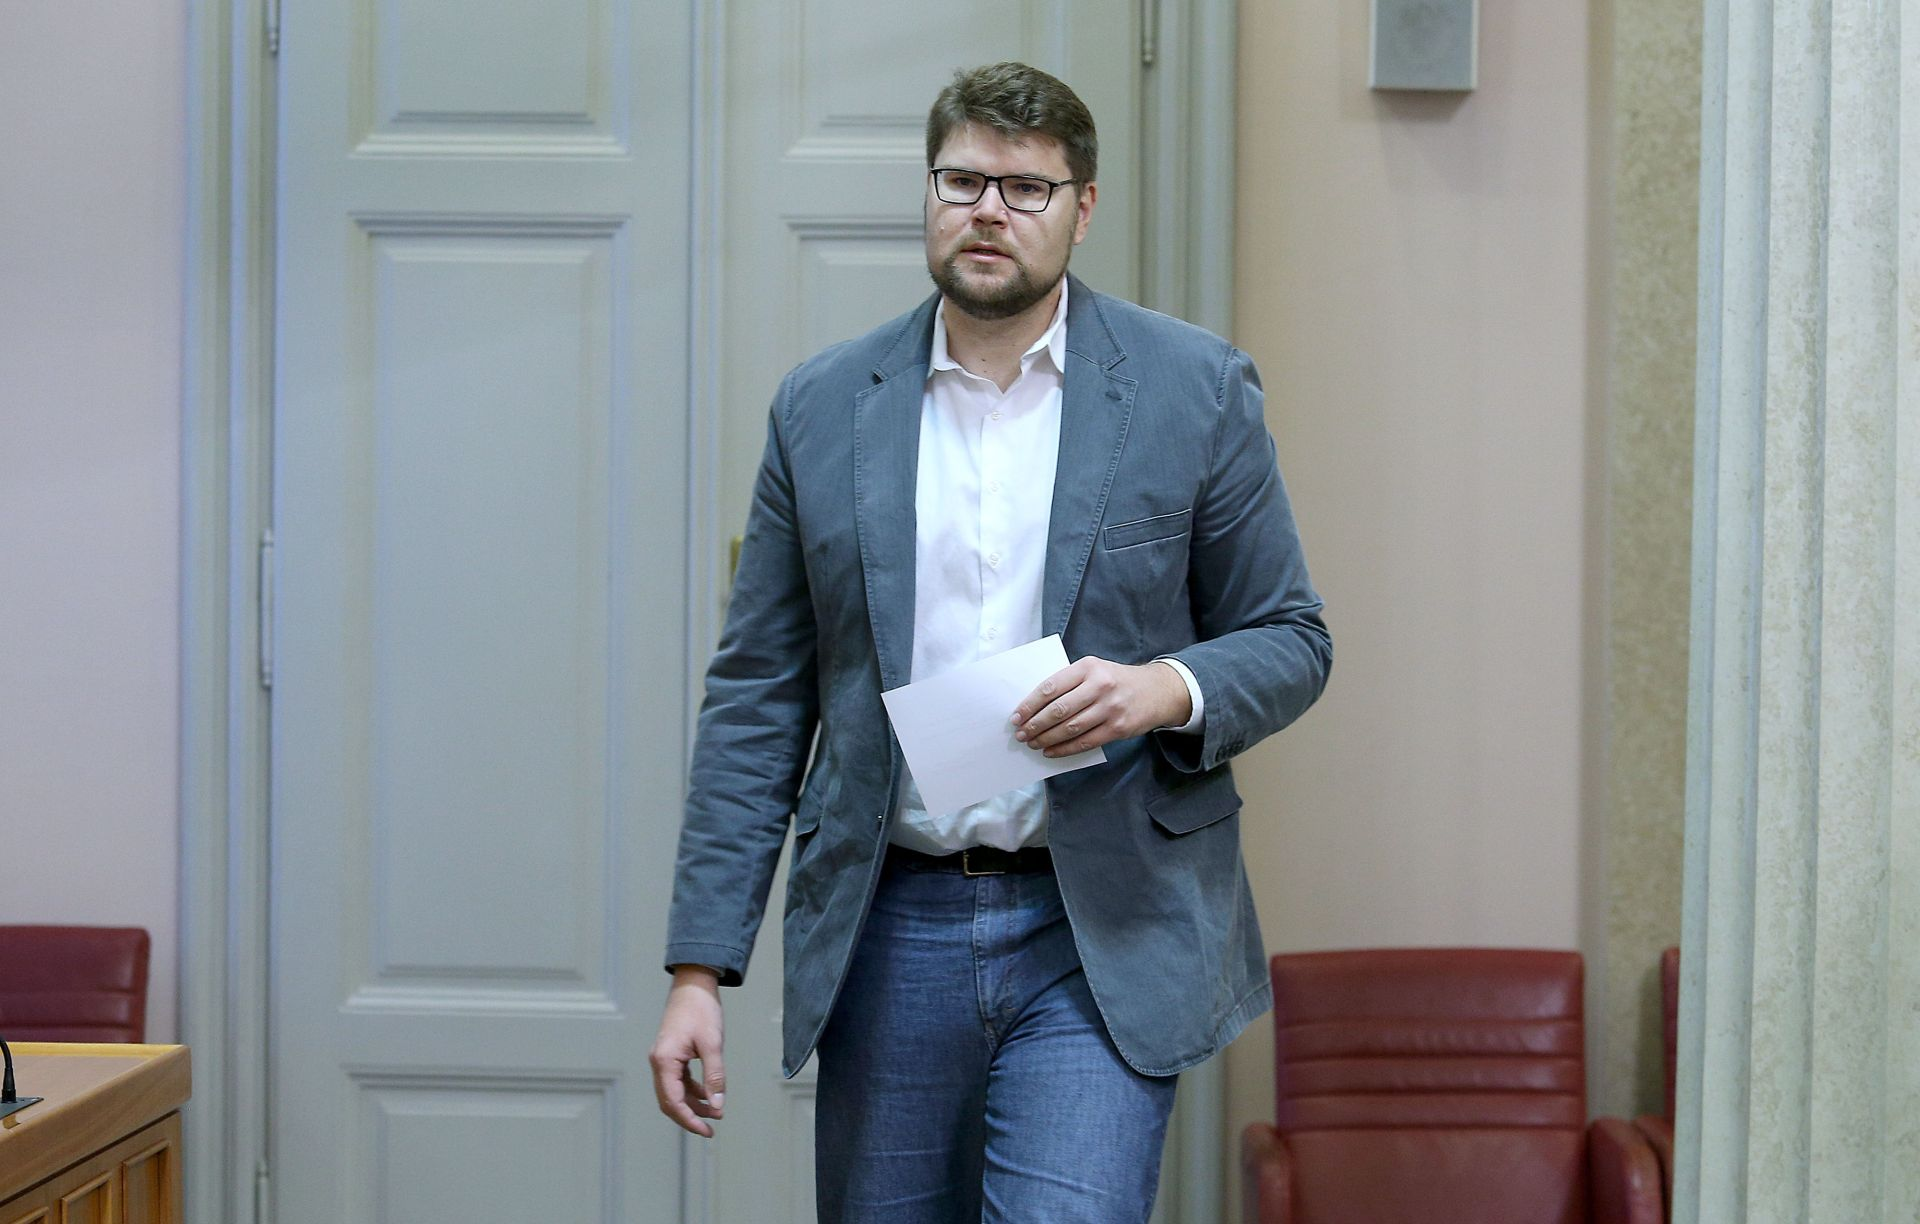 GRBIN: 'Donijeli smo odluku o pokretanju stranačkog postupka protiv Sauche'